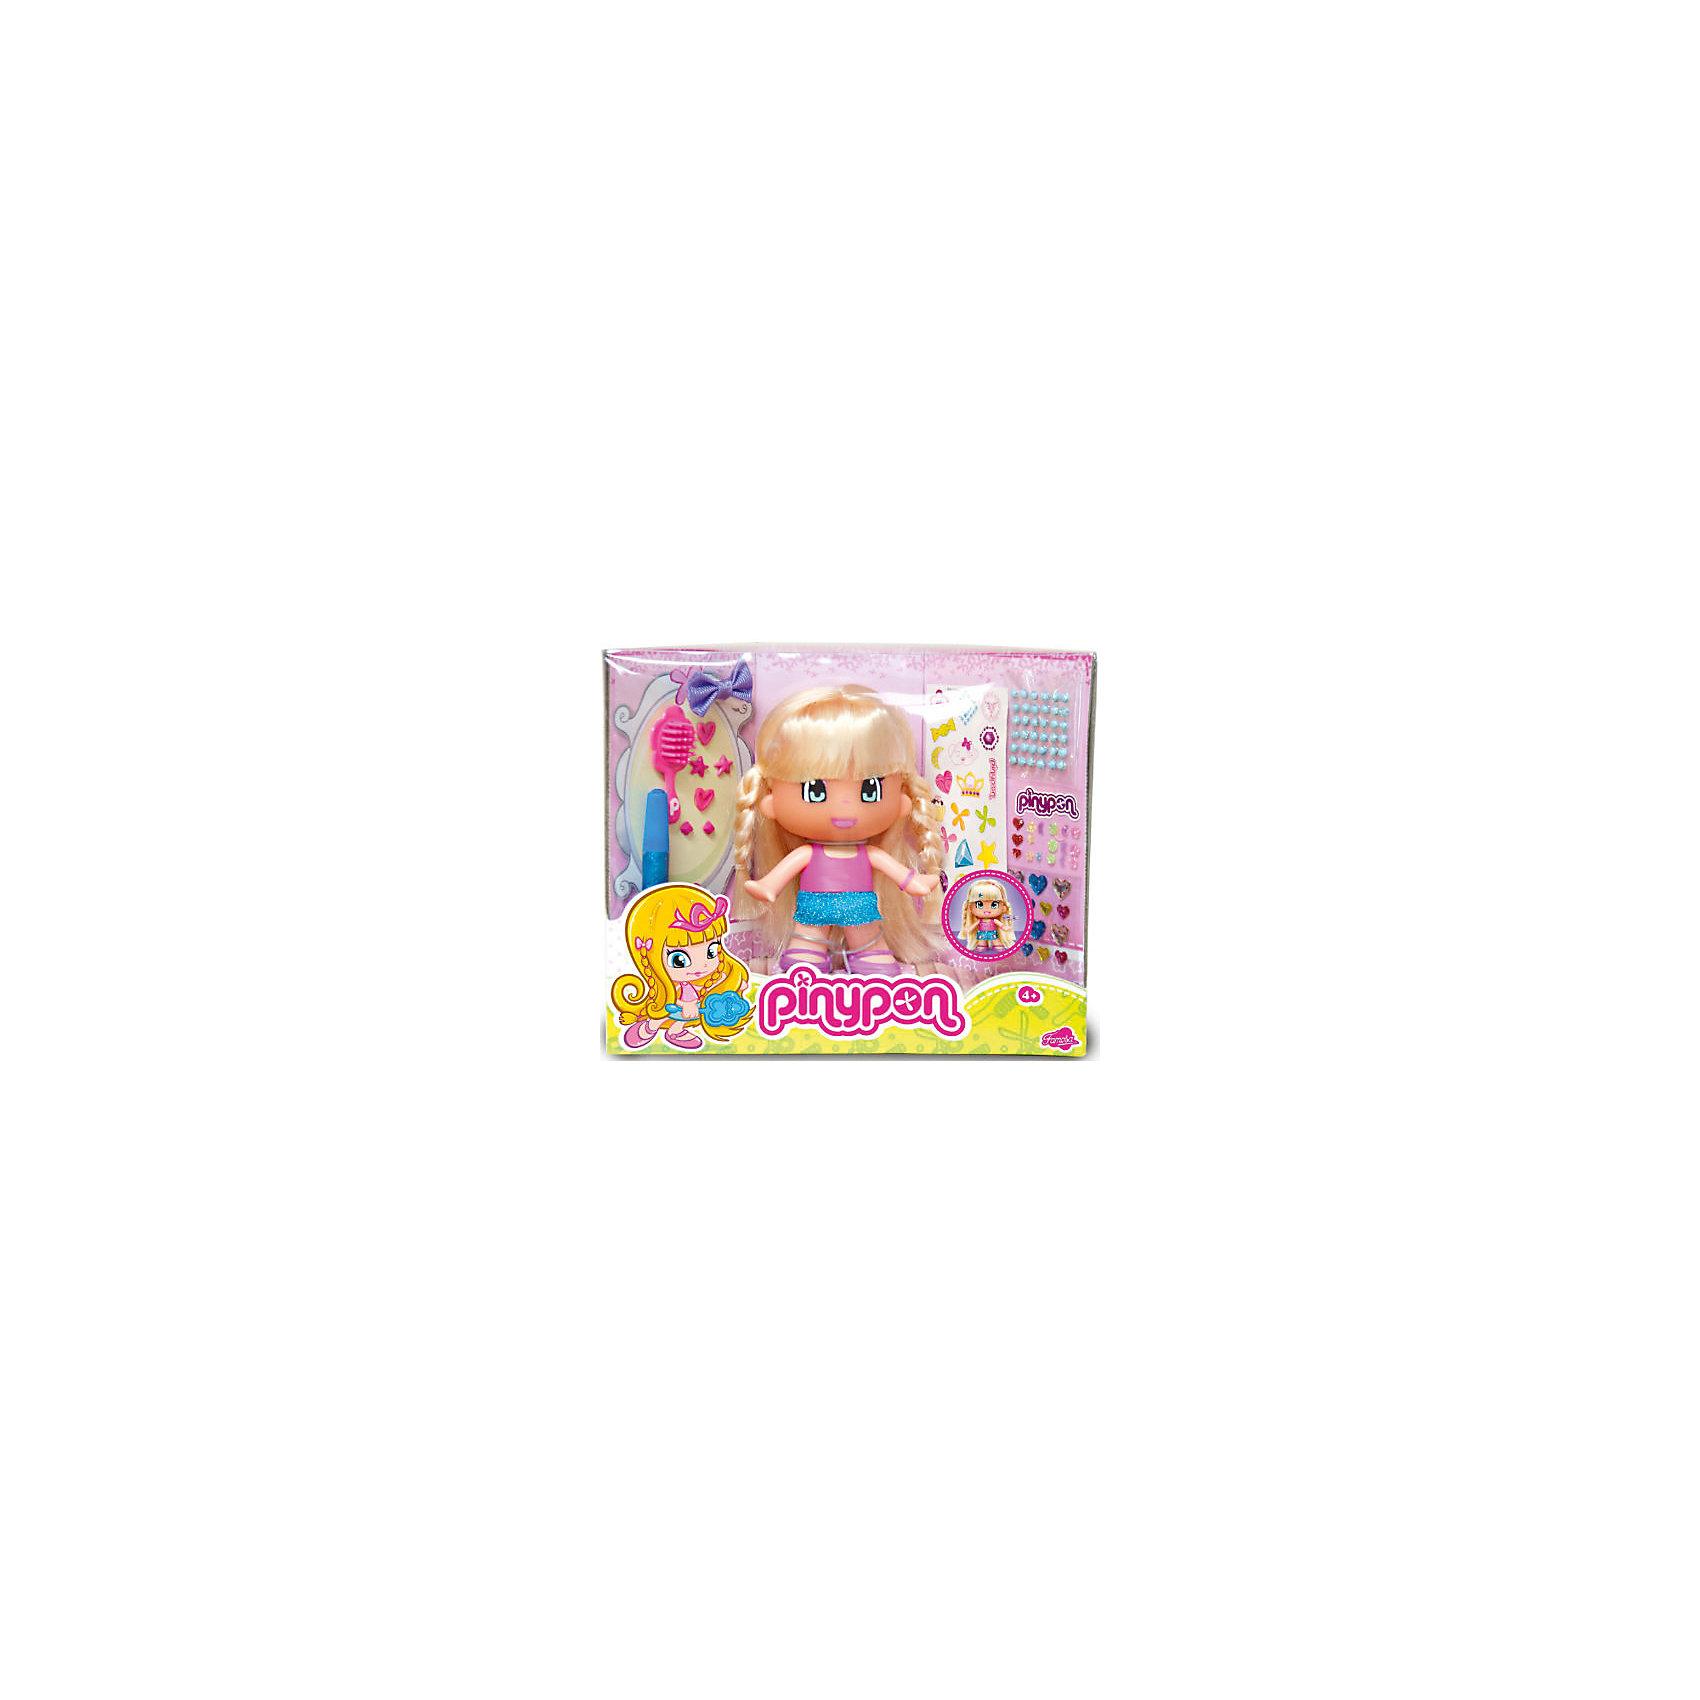 Кукла famosa пинипон макияж и модная прическа